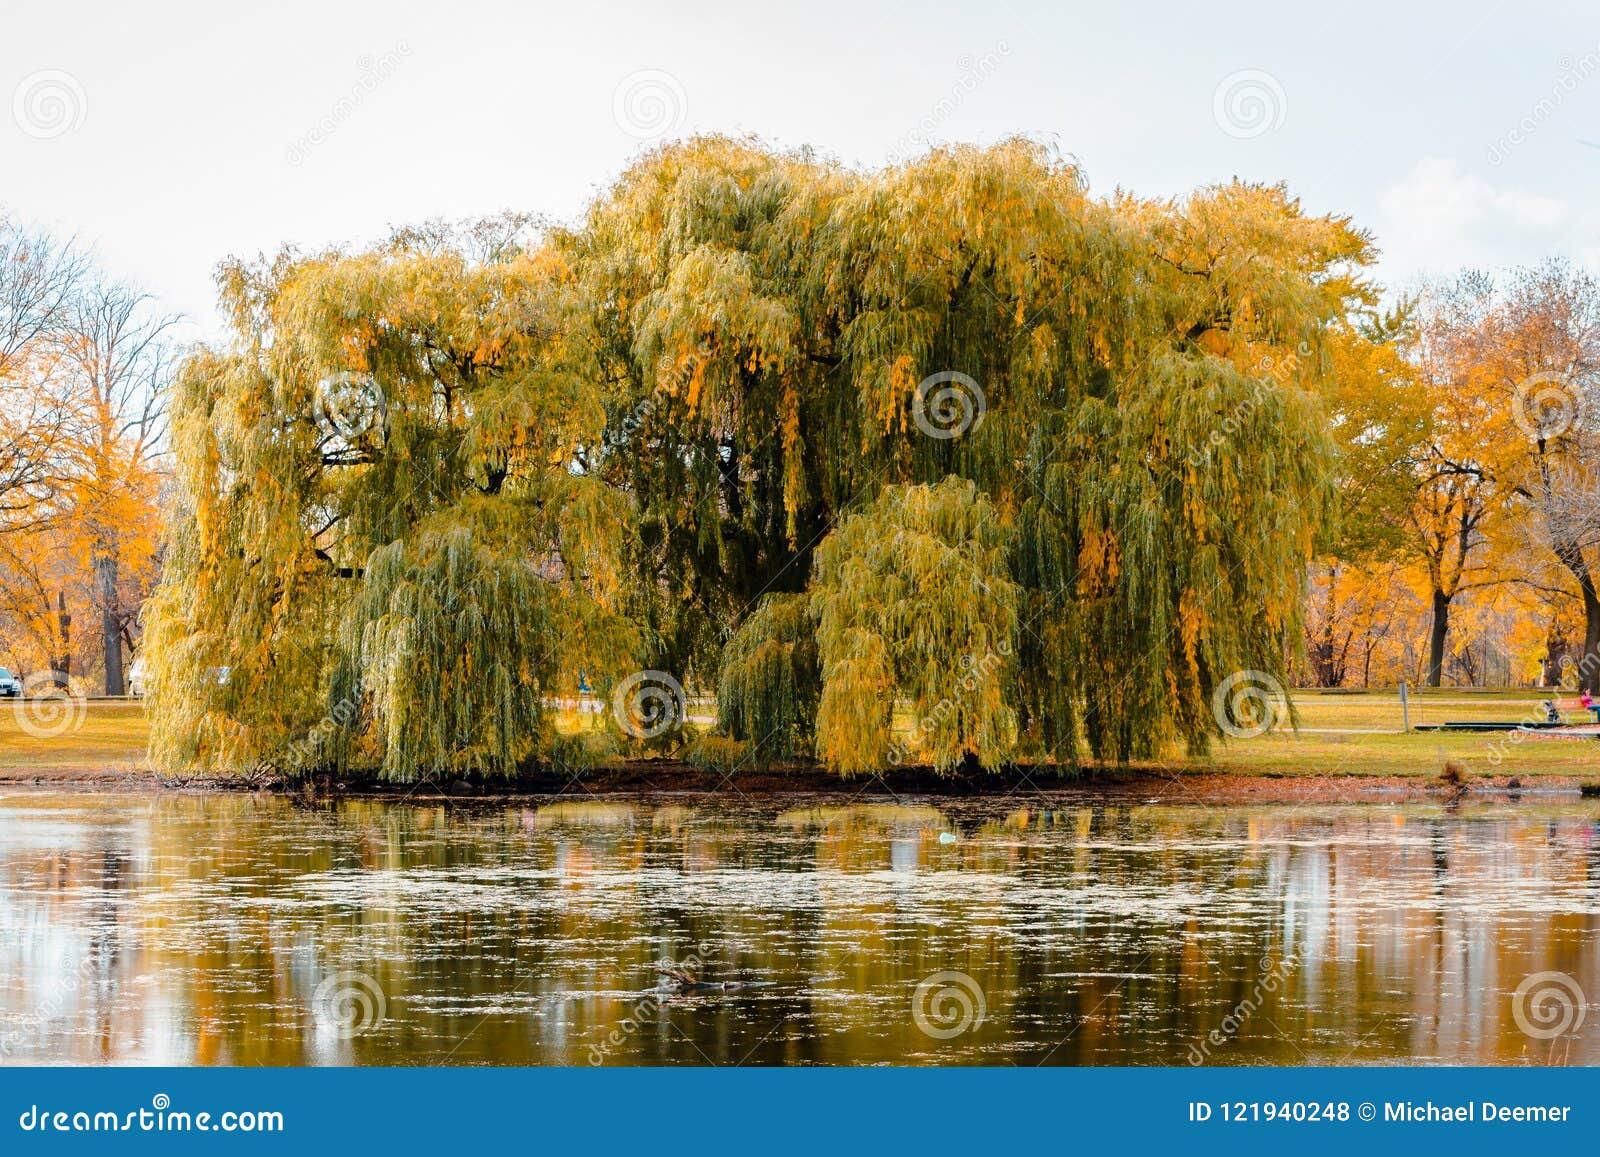 Landschap van een het huilen wilg tijdens de daling door de vijver in Rivieroeverpark in Grand Rapids Michigan